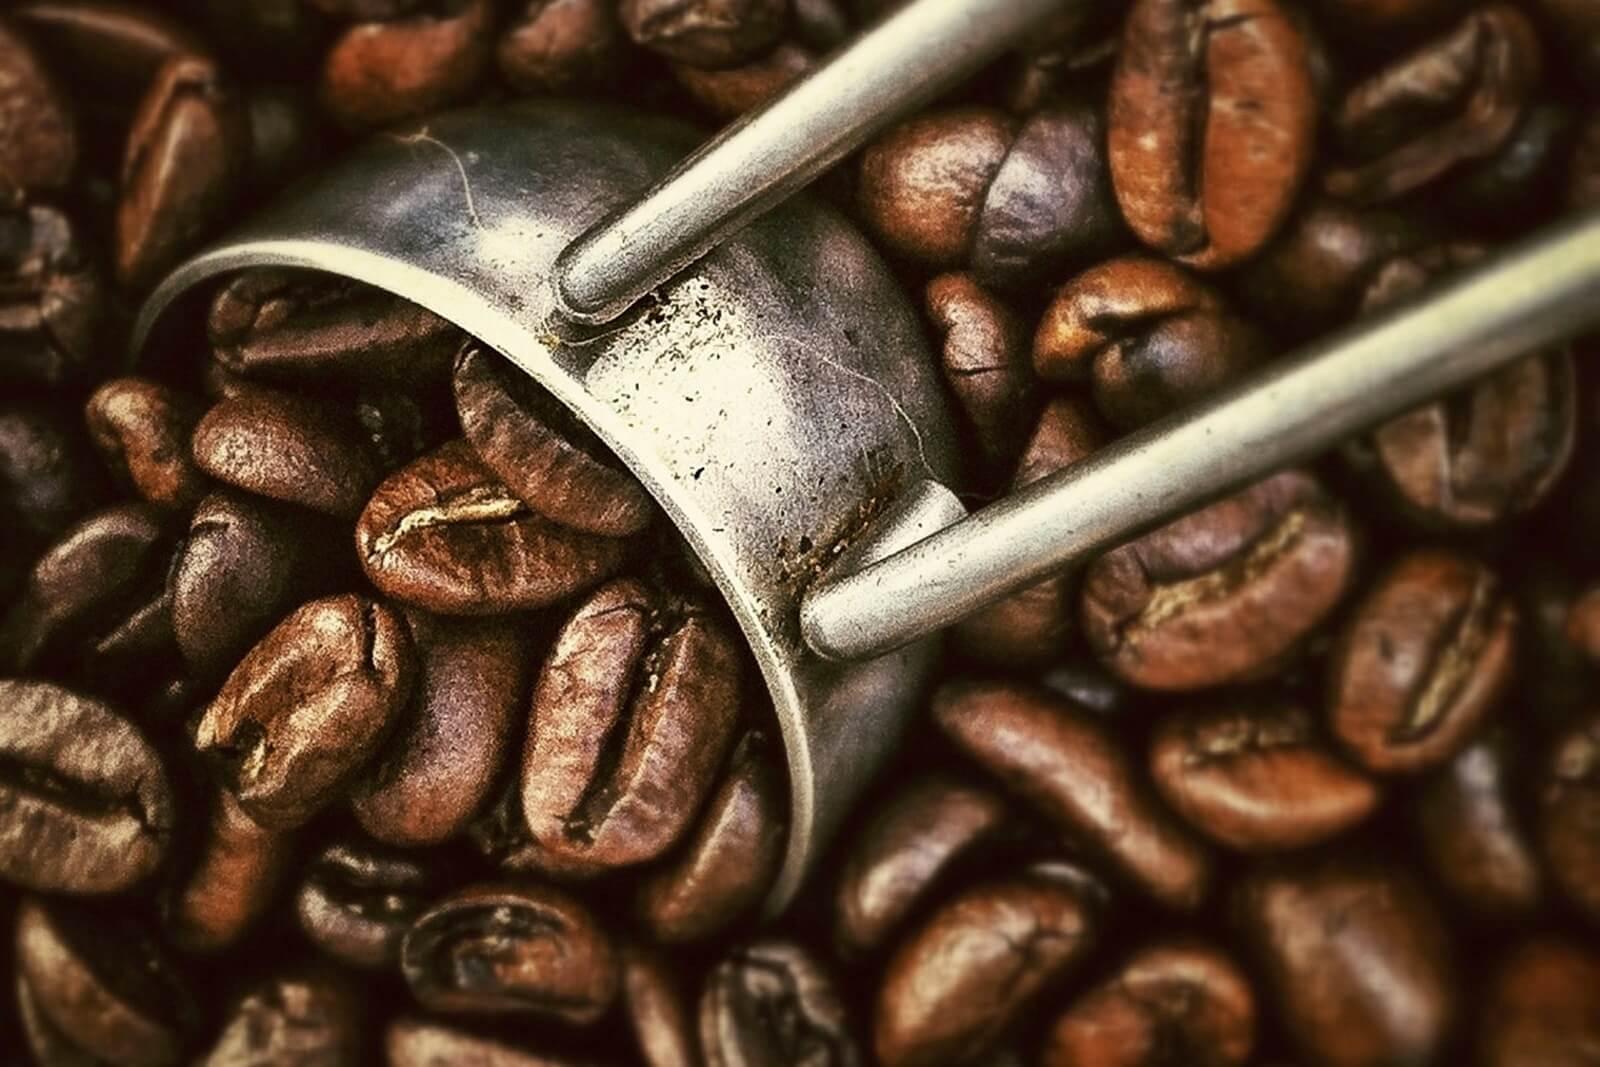 Nahaufnahme eines Metall-Löffels und von Kaffeebohnen